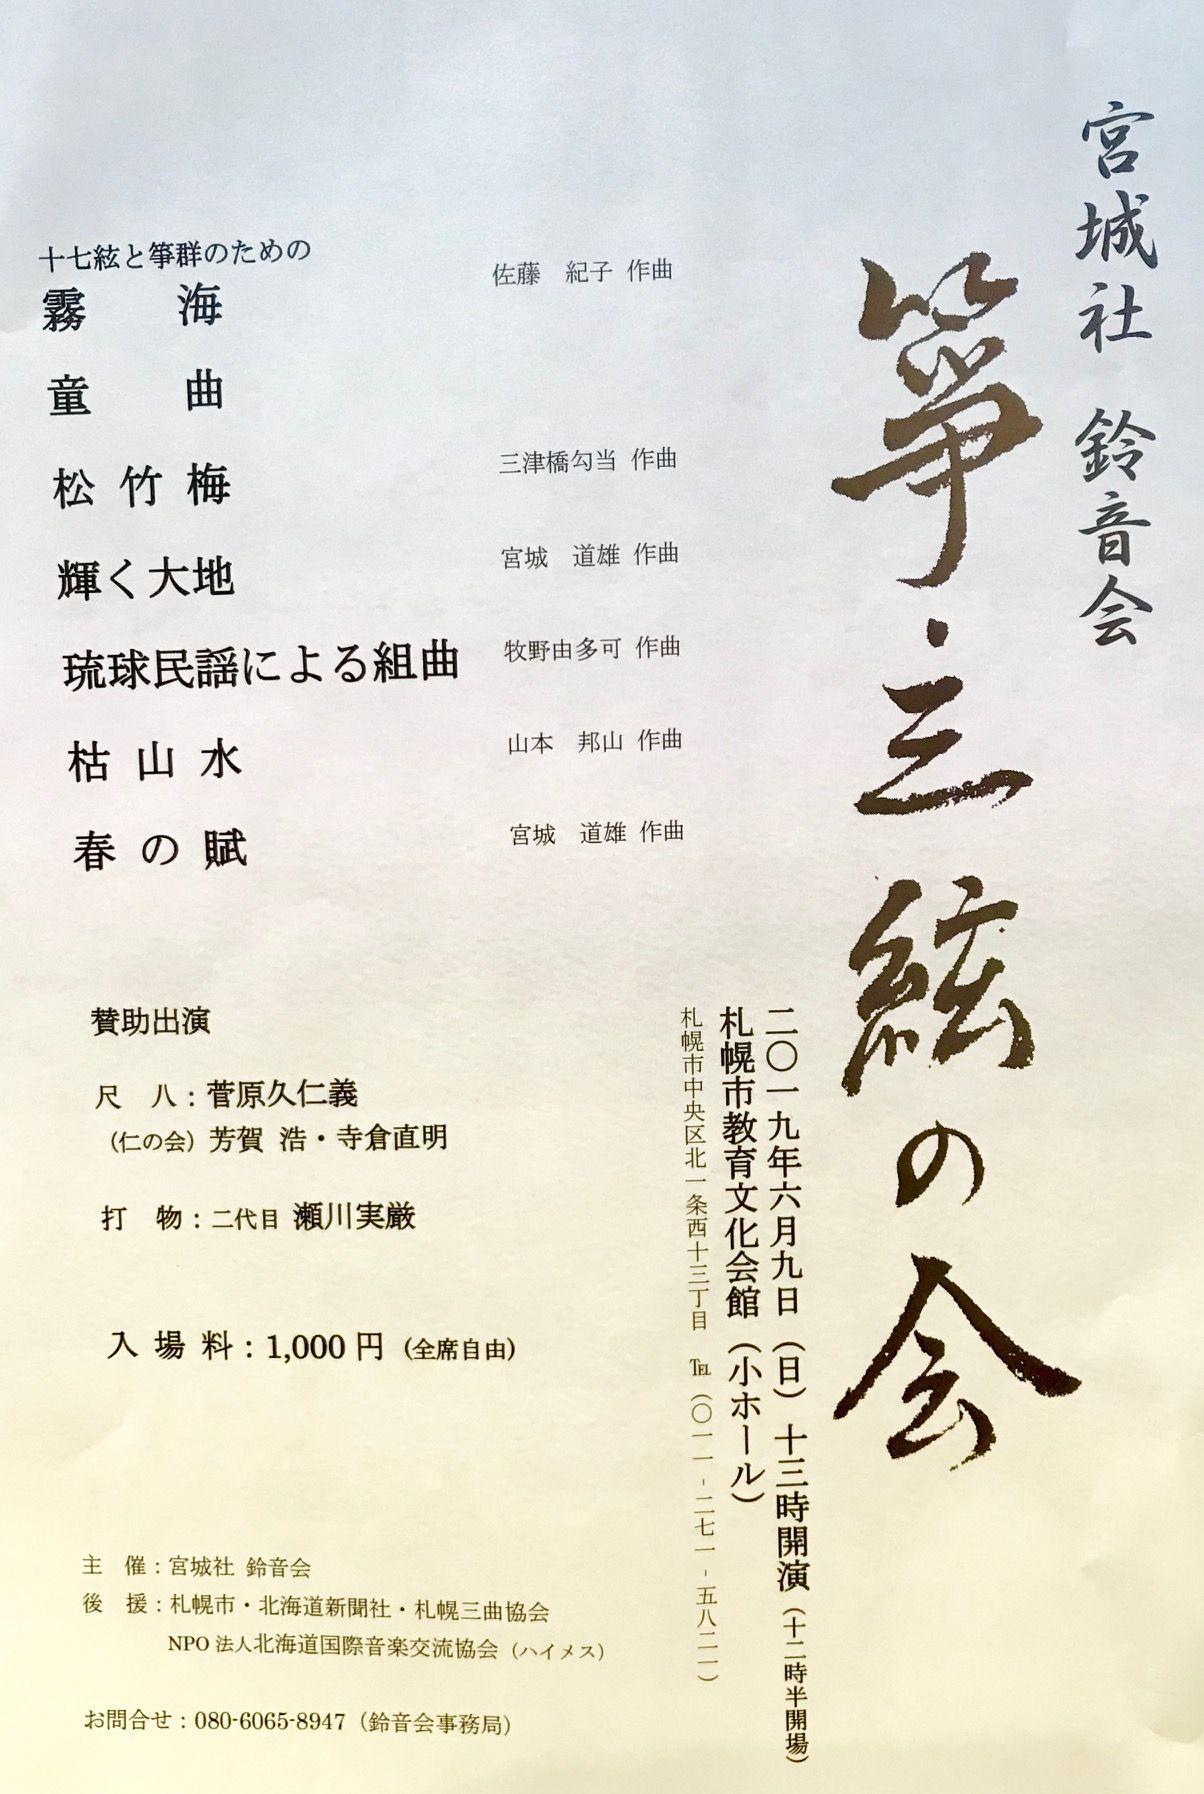 宮城社 鈴音会 箏・三絃演奏会 イメージ画像